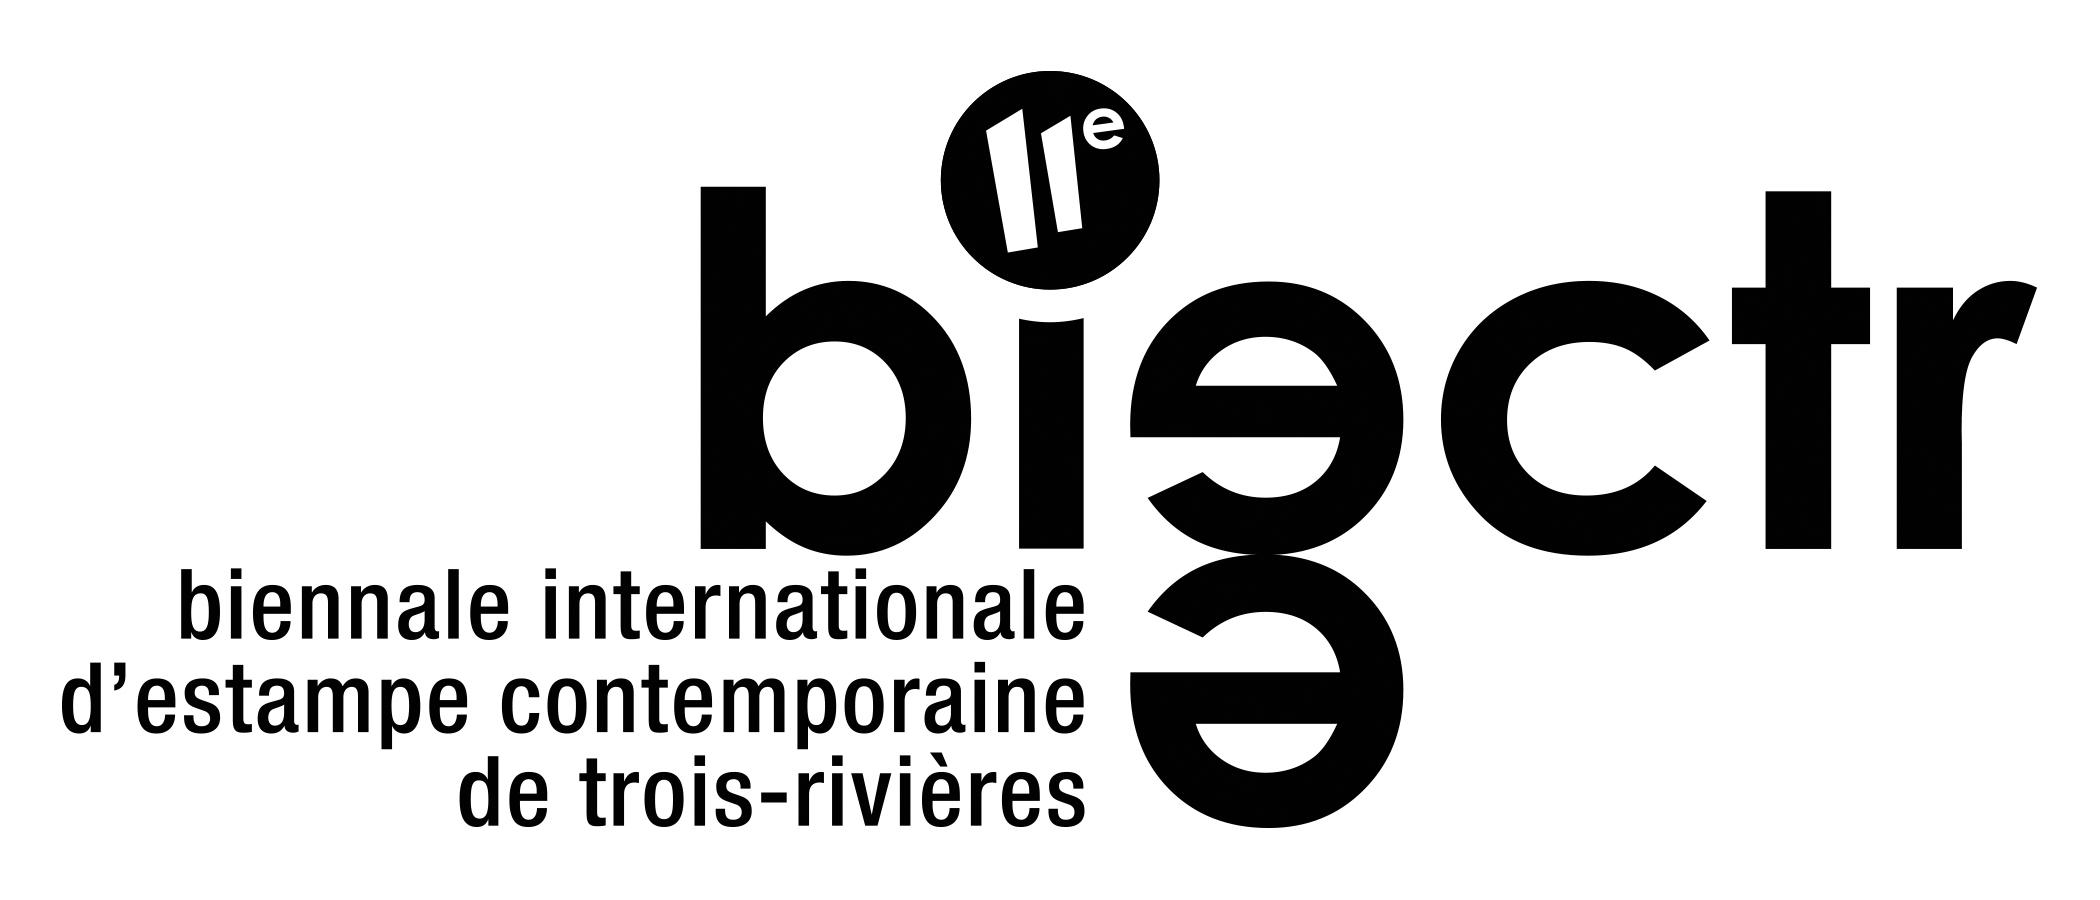 BIECTR-Logo-11e-Noir (1).jpg